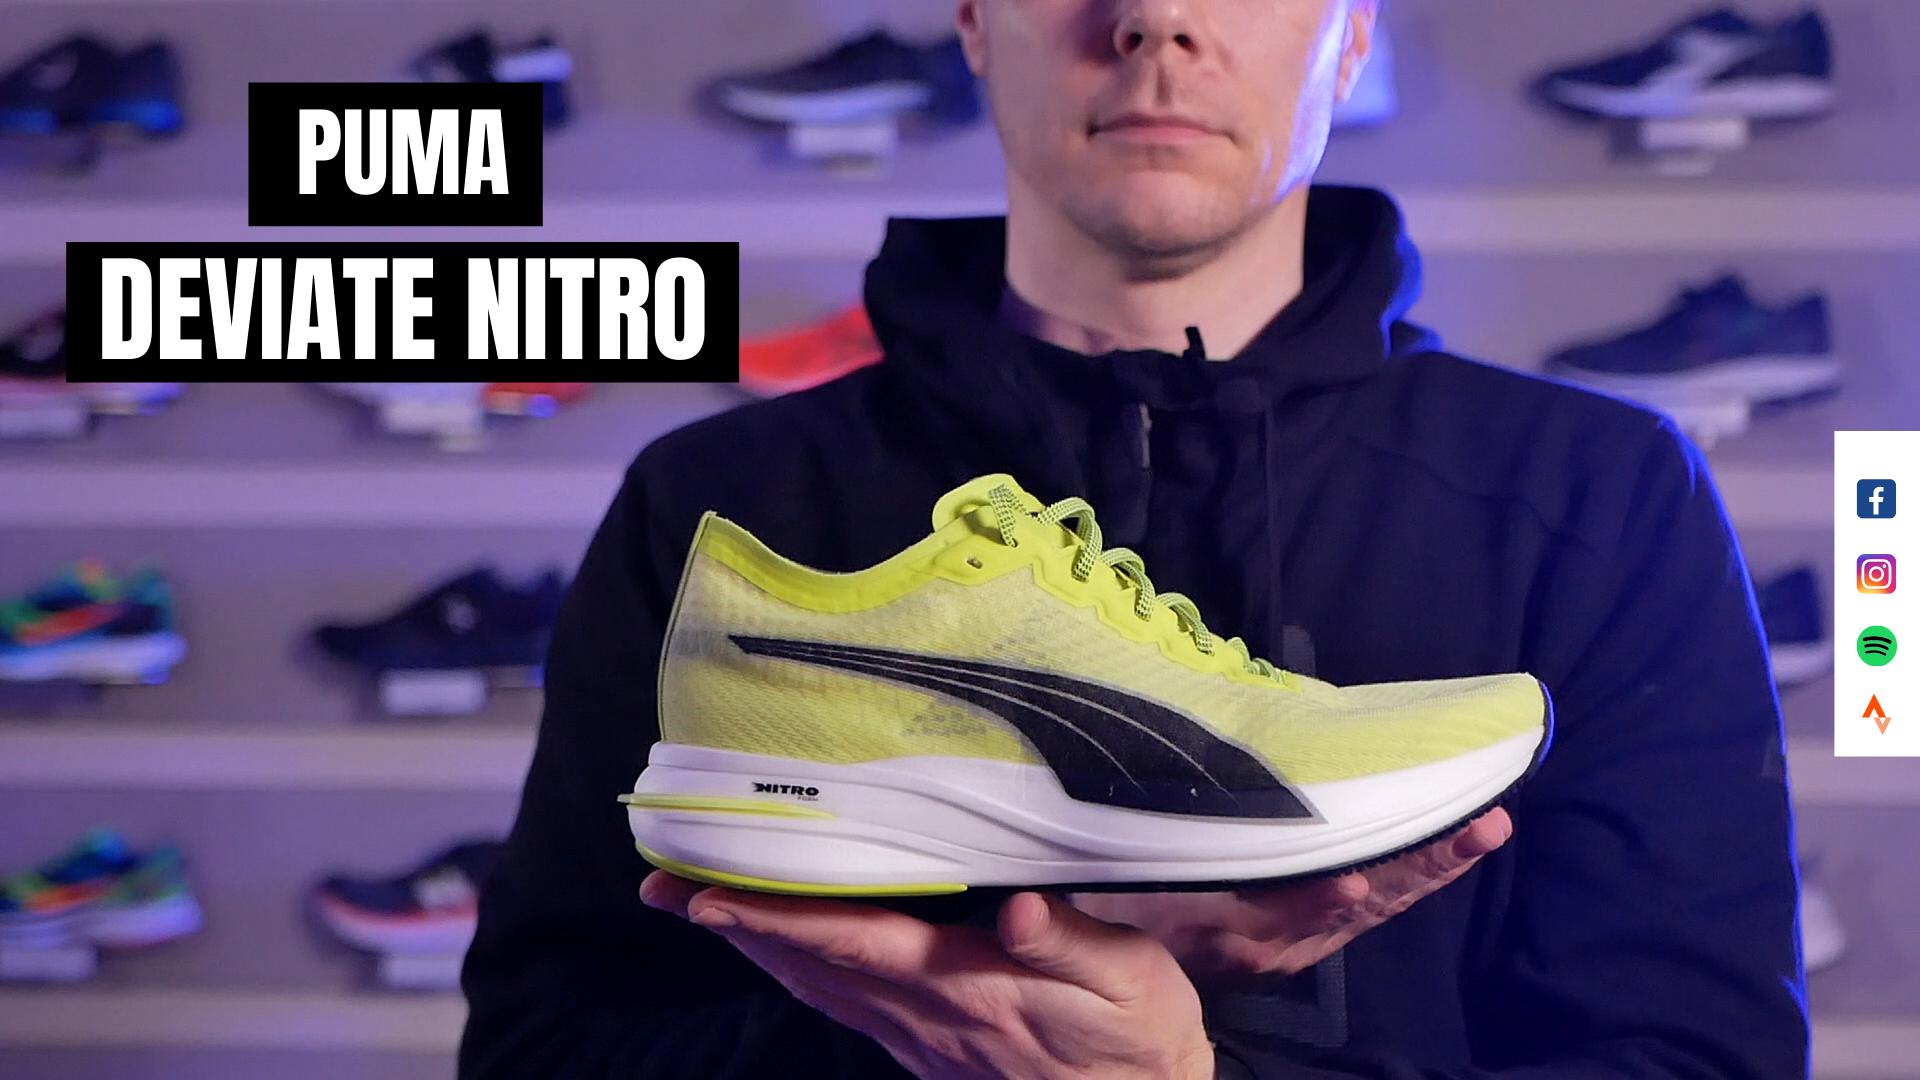 Review: Puma Deviate Nitro